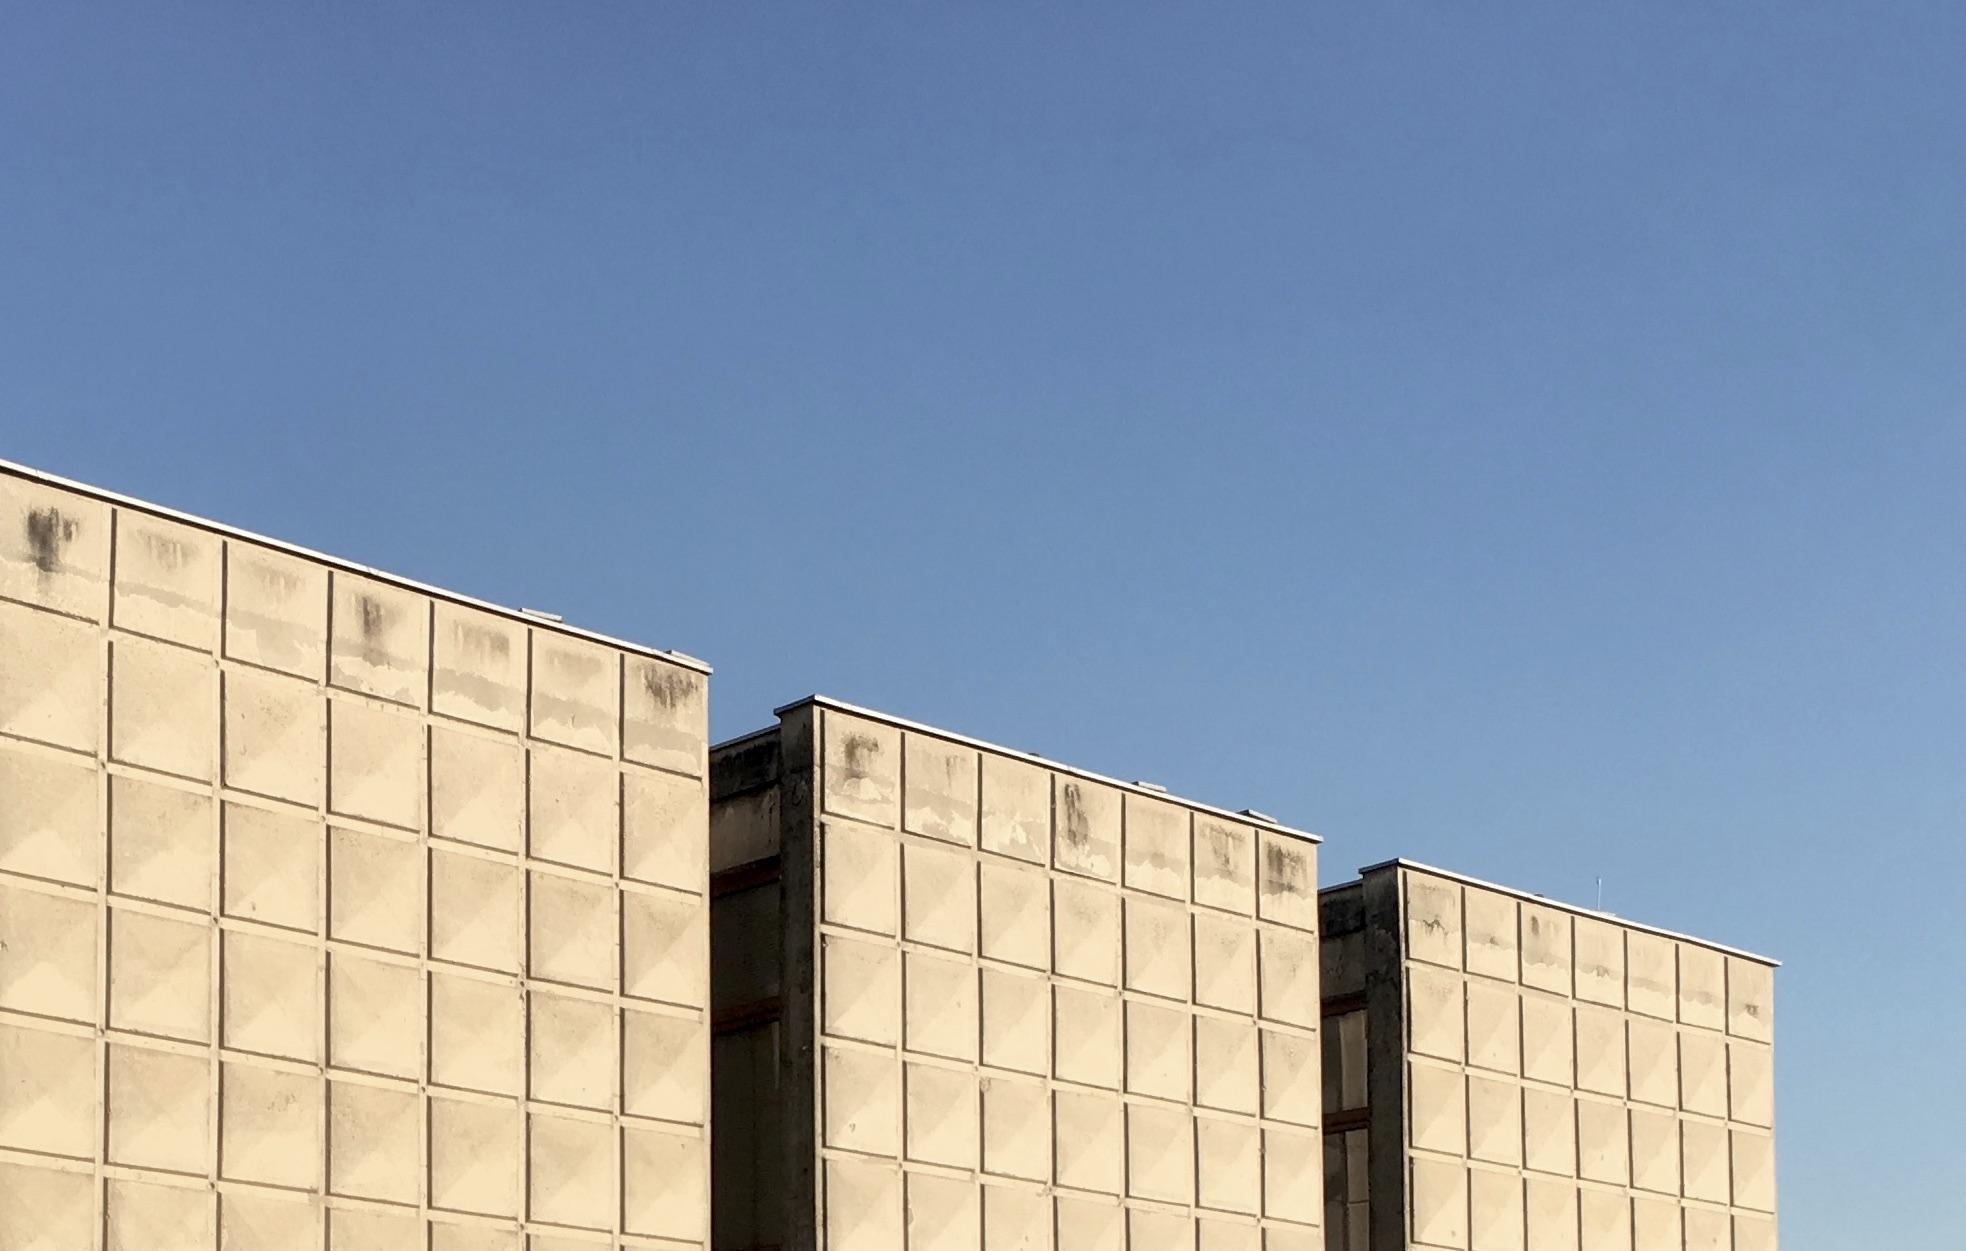 """Galerija """"Vjekoslav Karas"""". Pojam """"brutalizam"""" u arhitekturi veže se uglavnom za djela arhitekata u periodu od 1950-1975. godine koji su isticali važnost iskrenog i autentičnog korištenja materijala na način da se oni koriste u izvornom obliku bez naknadnih obloga ili obrada koje bi sakrile pravu prirodu i ljepotu materijala. Najčešće se pojam brutalizma veže za objekte izvedene u sirovom, natur-betonu (beton-brut), no često je i oblikovanje u opeci, kamenu, drvu, čeliku bez naknadnih obrada materijala Foto: Luka Krmpotić"""